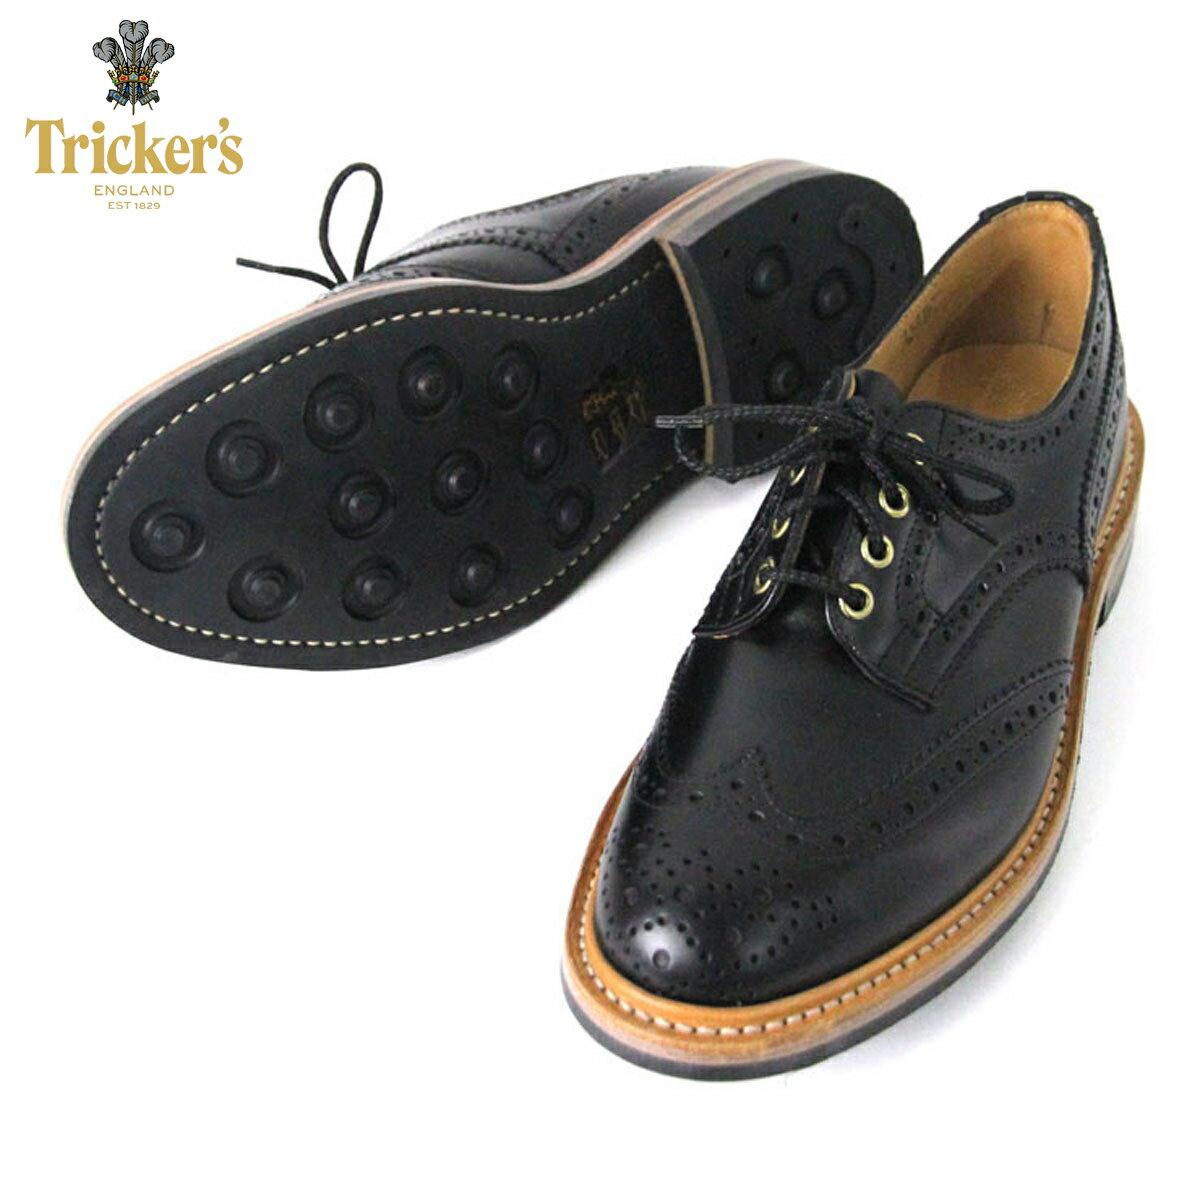 トリッカーズ TRICKERS 正規販売店 カントリーシューズ TRICKER'S M7292 WING TIP SHOES BLACK D15S25